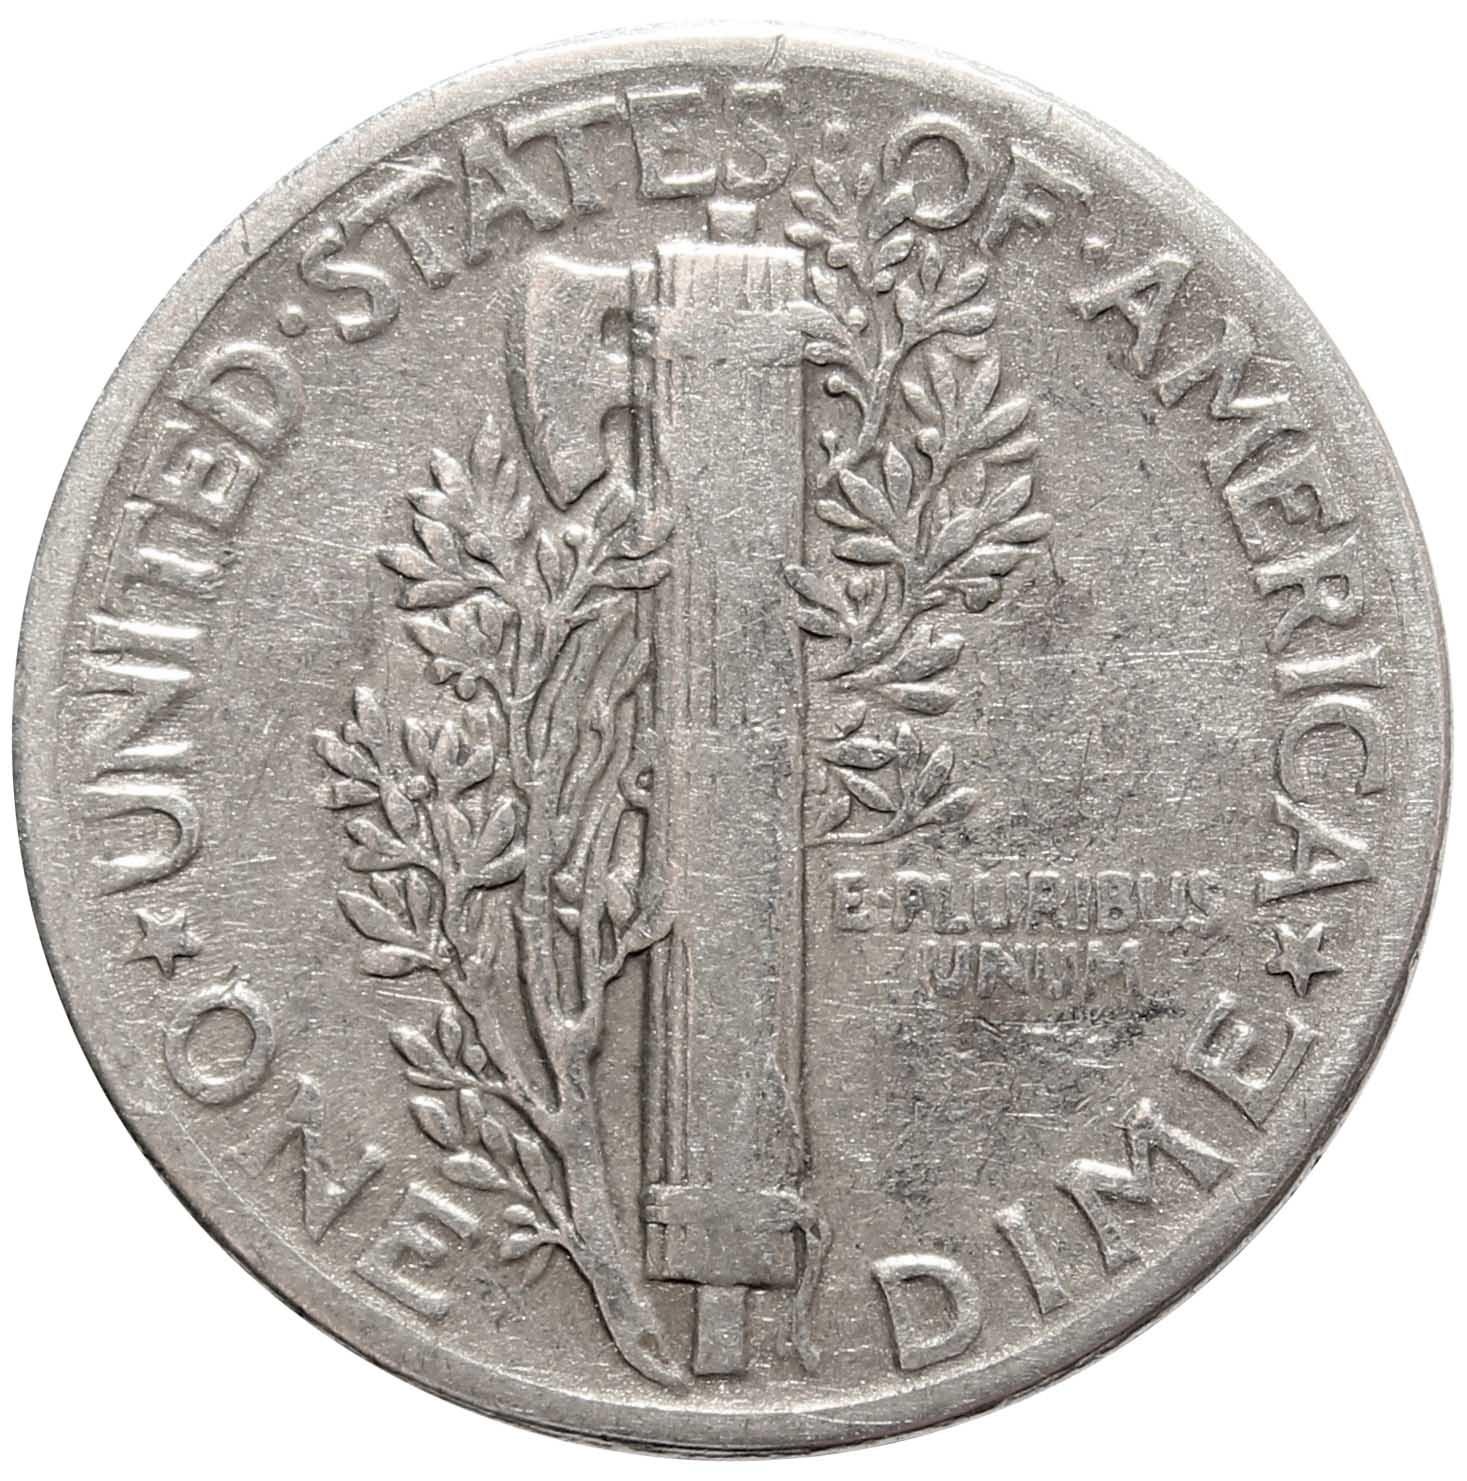 1 дайм (10 центов) 1944. США VF (Меркурий) Серебро